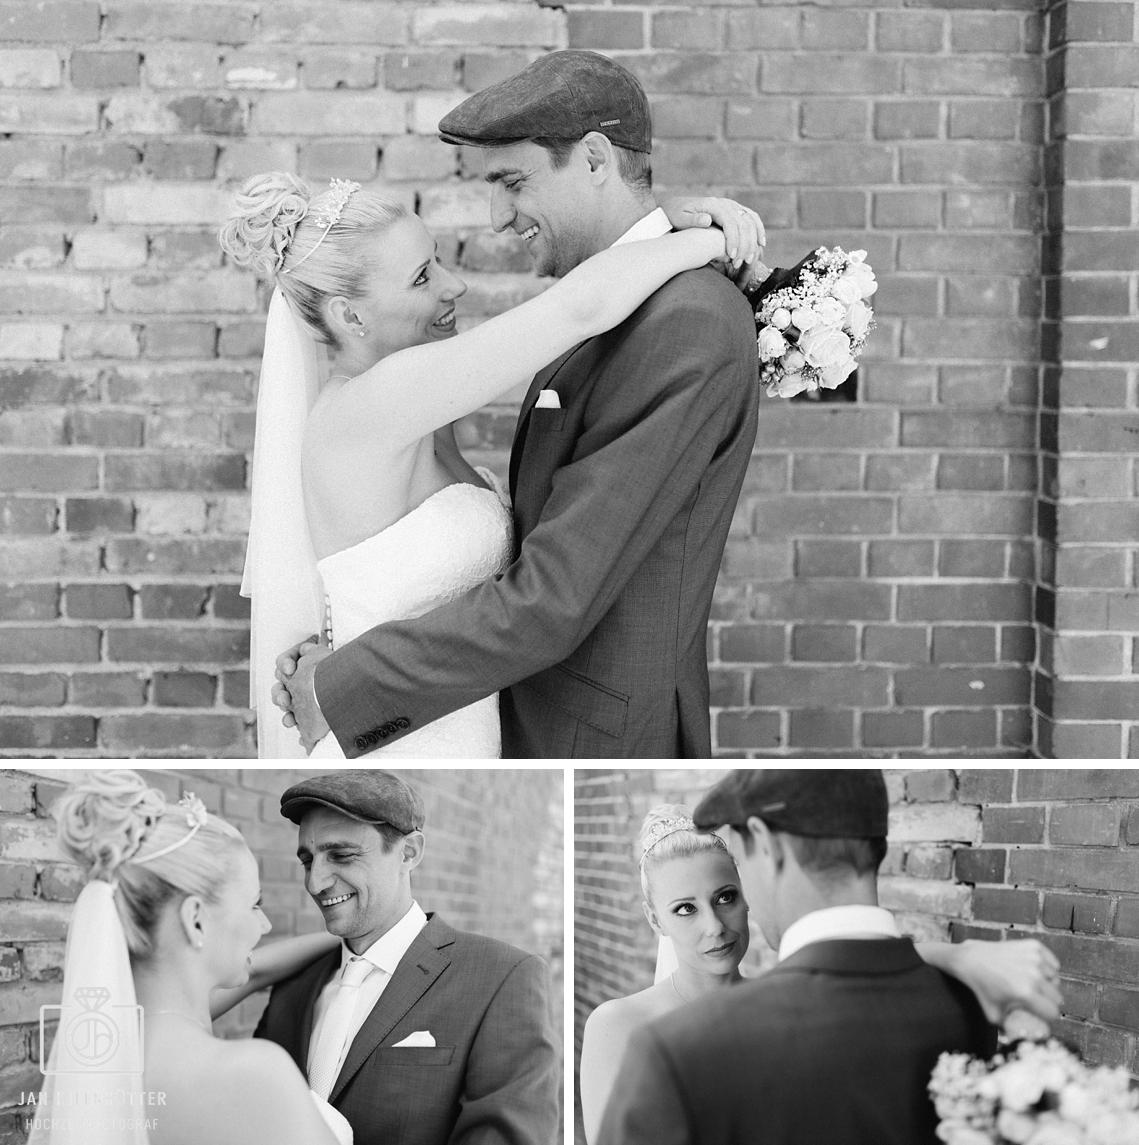 Vintage-Hochzeit-SW-Hochzeitspaar-Brautpaar-romantisch